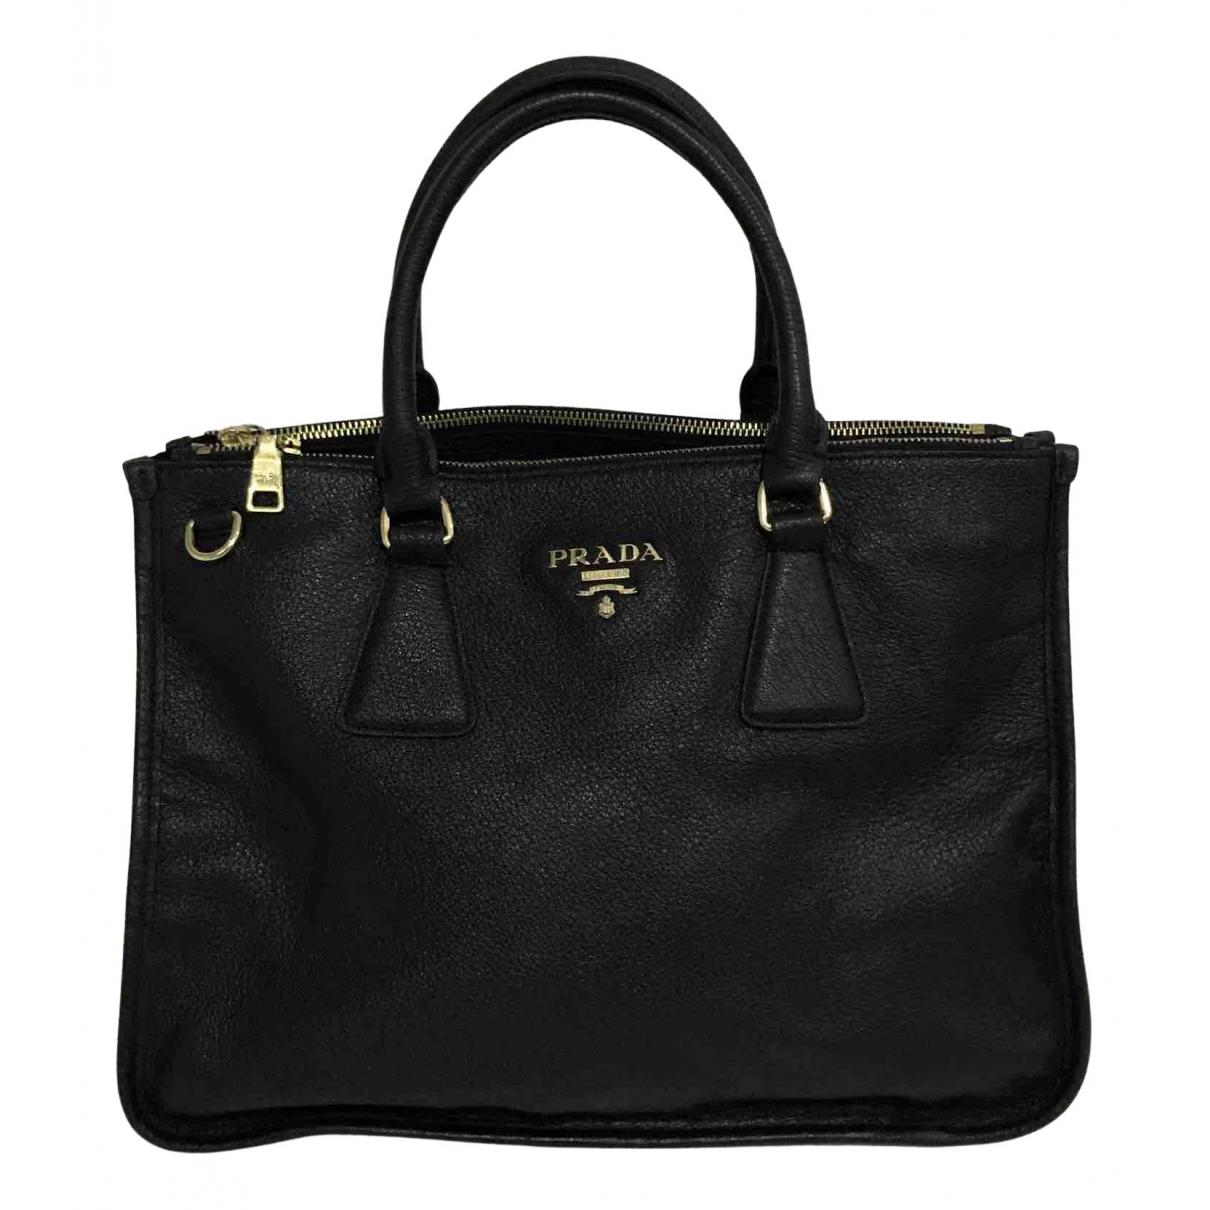 Prada - Sac a main Esplanade pour femme en cuir - noir